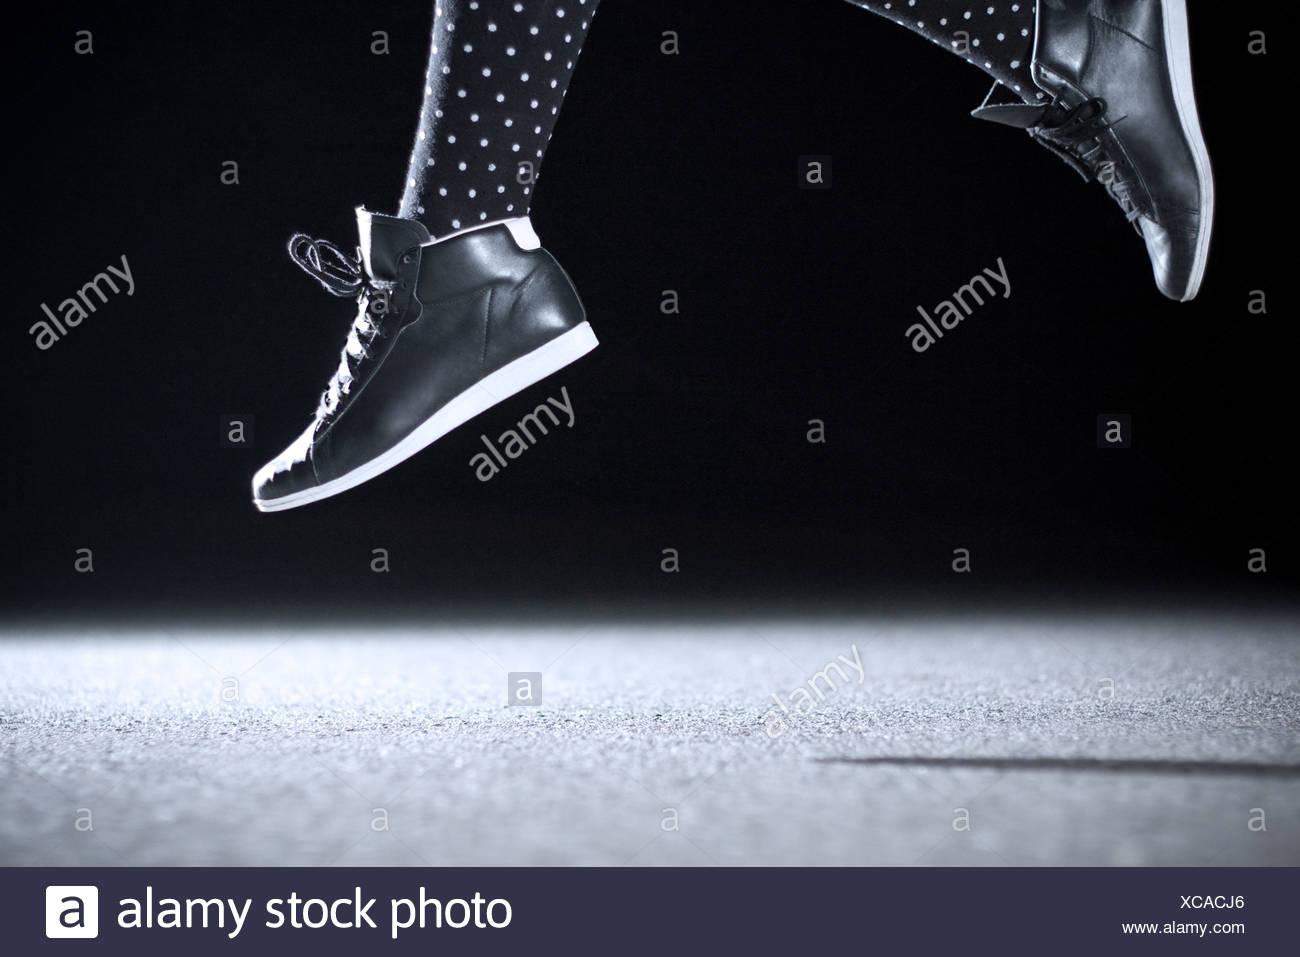 Saut,Culture,de la jeunesse,saut de joie Photo Stock